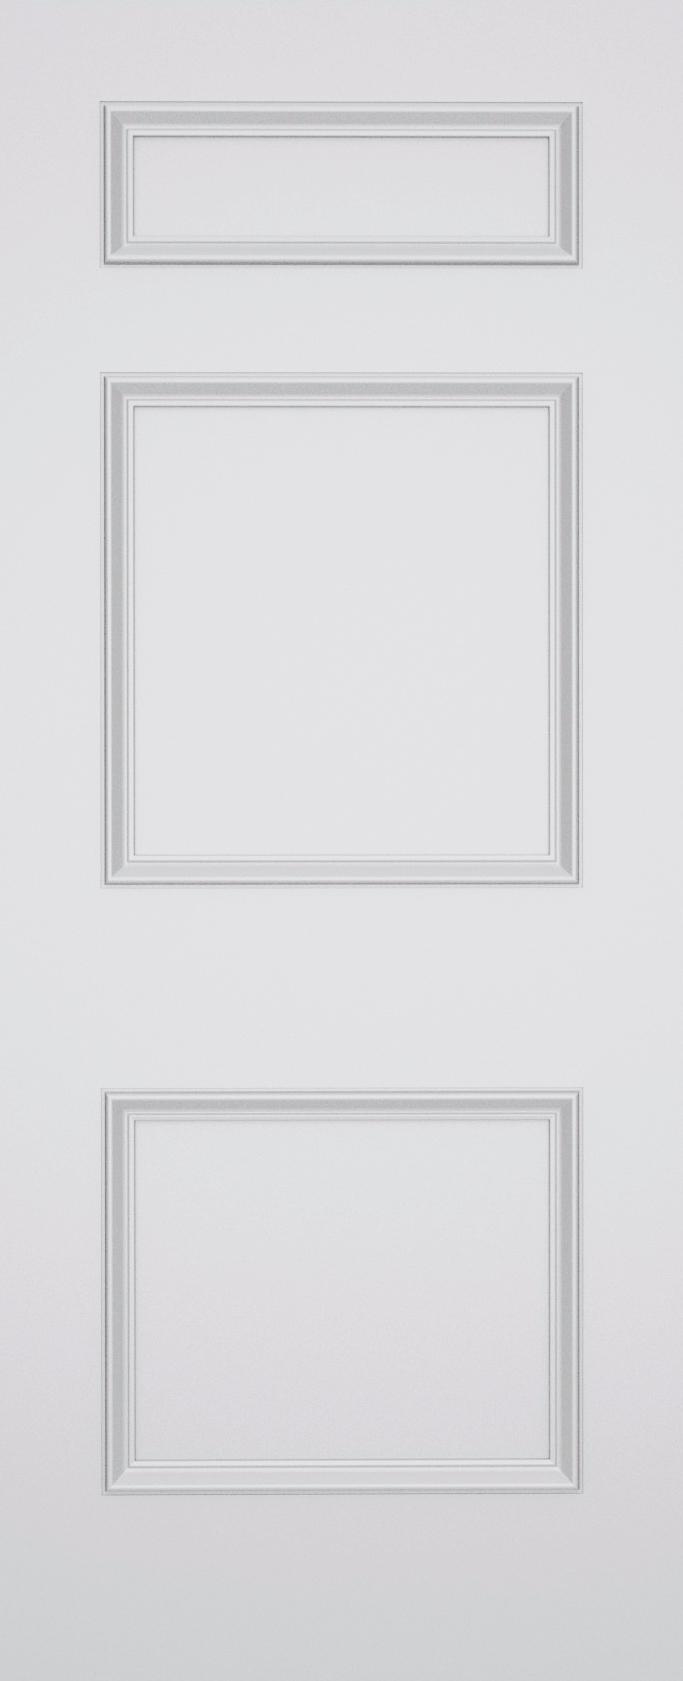 Ashbury Knightsbridge 3 Panel Door